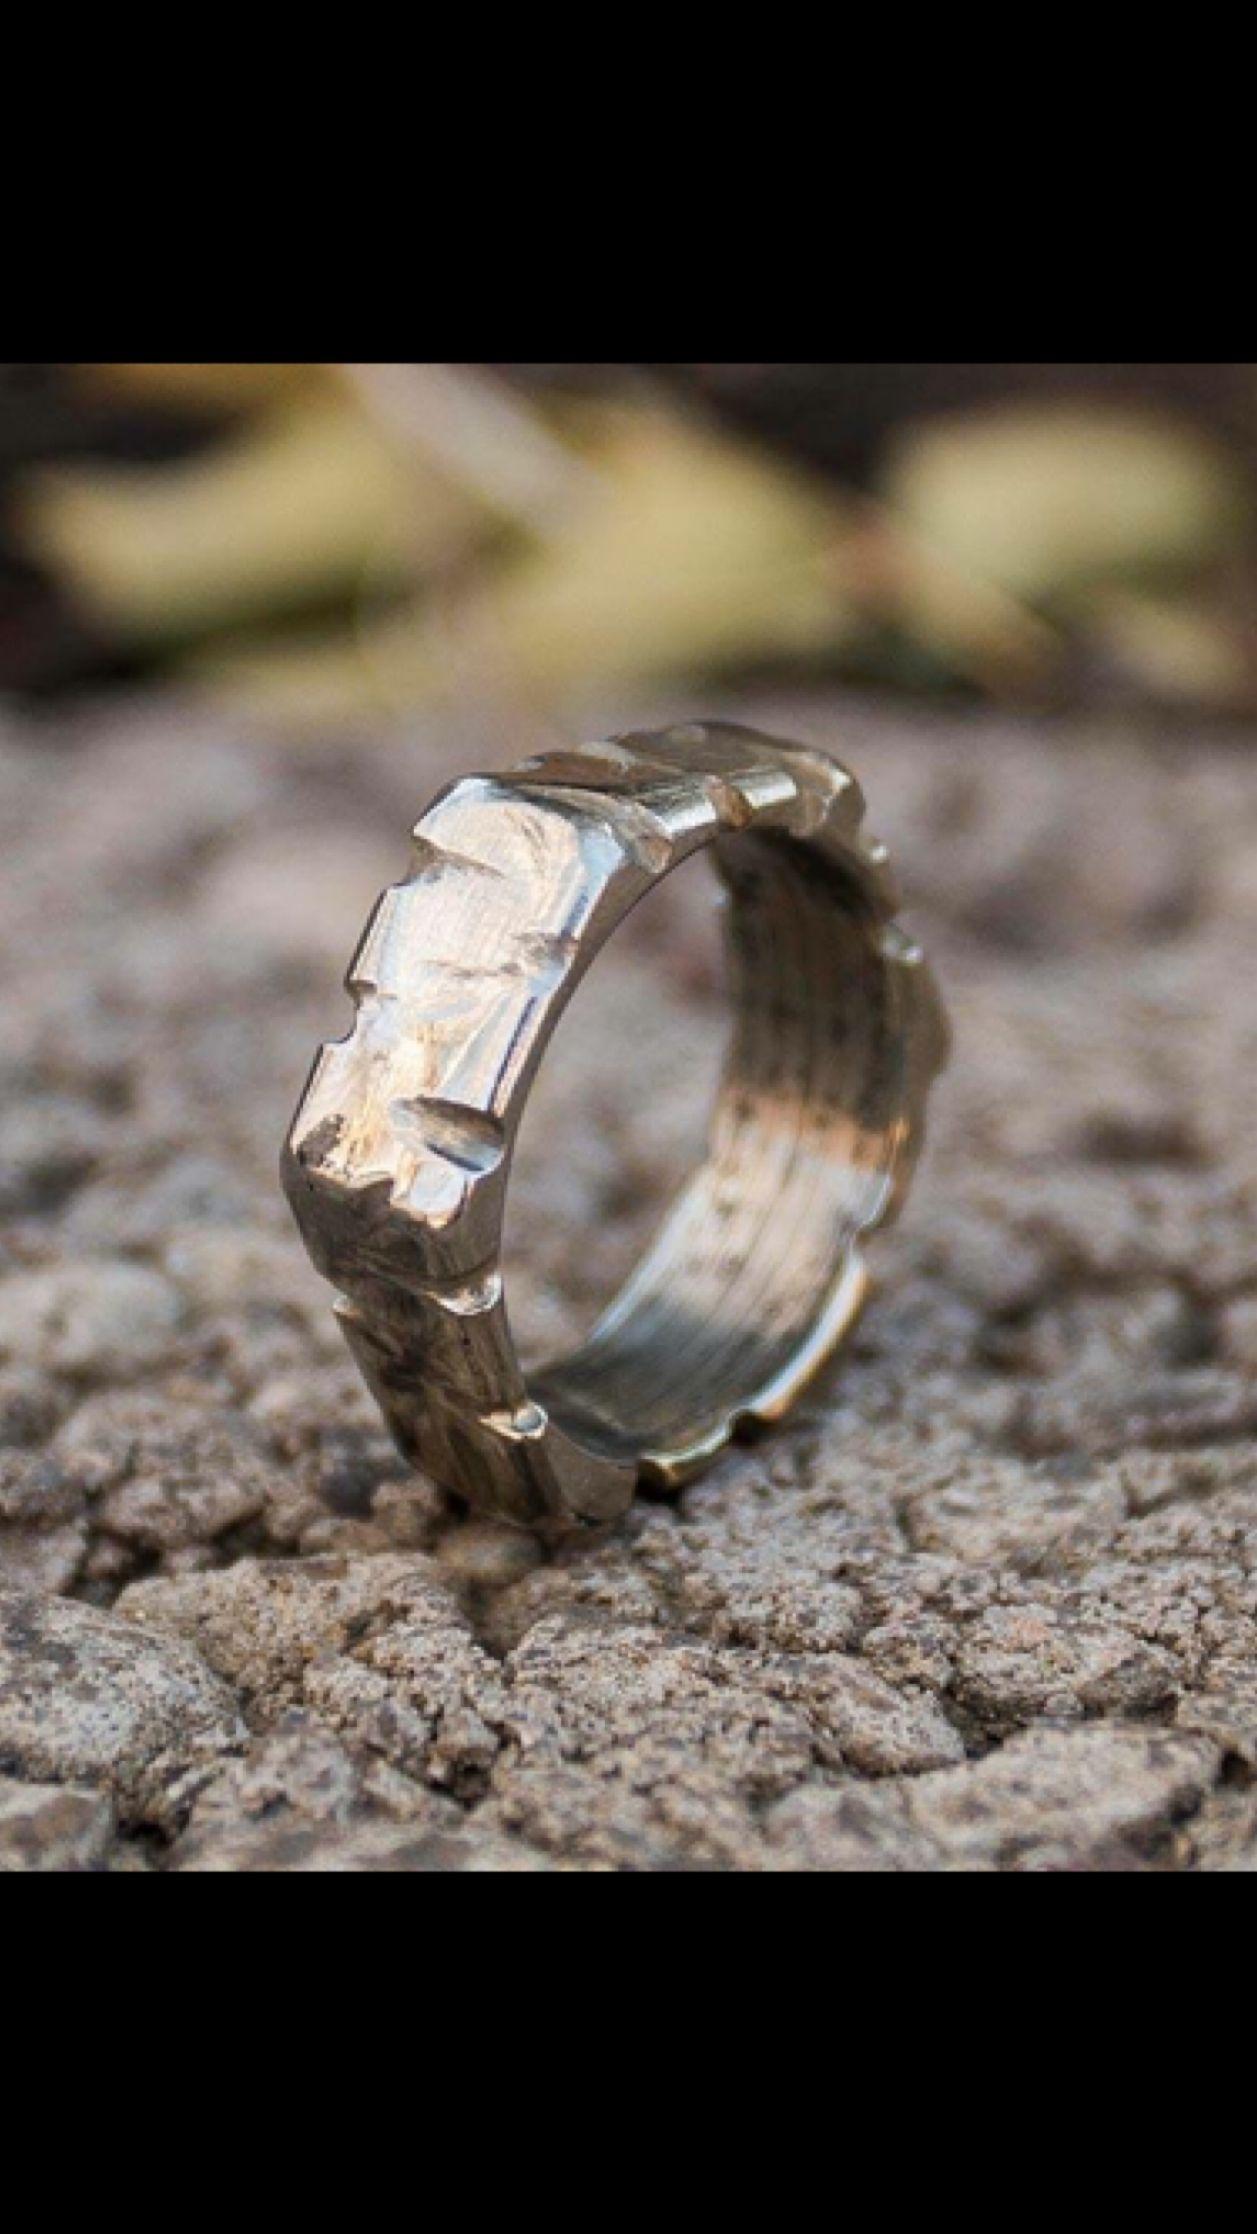 Stoicforge Stoic Forge Damascus Steel Blacksmithing Wedding Band Jewelry: Wedding Ring Forged Iron At Reisefeber.org